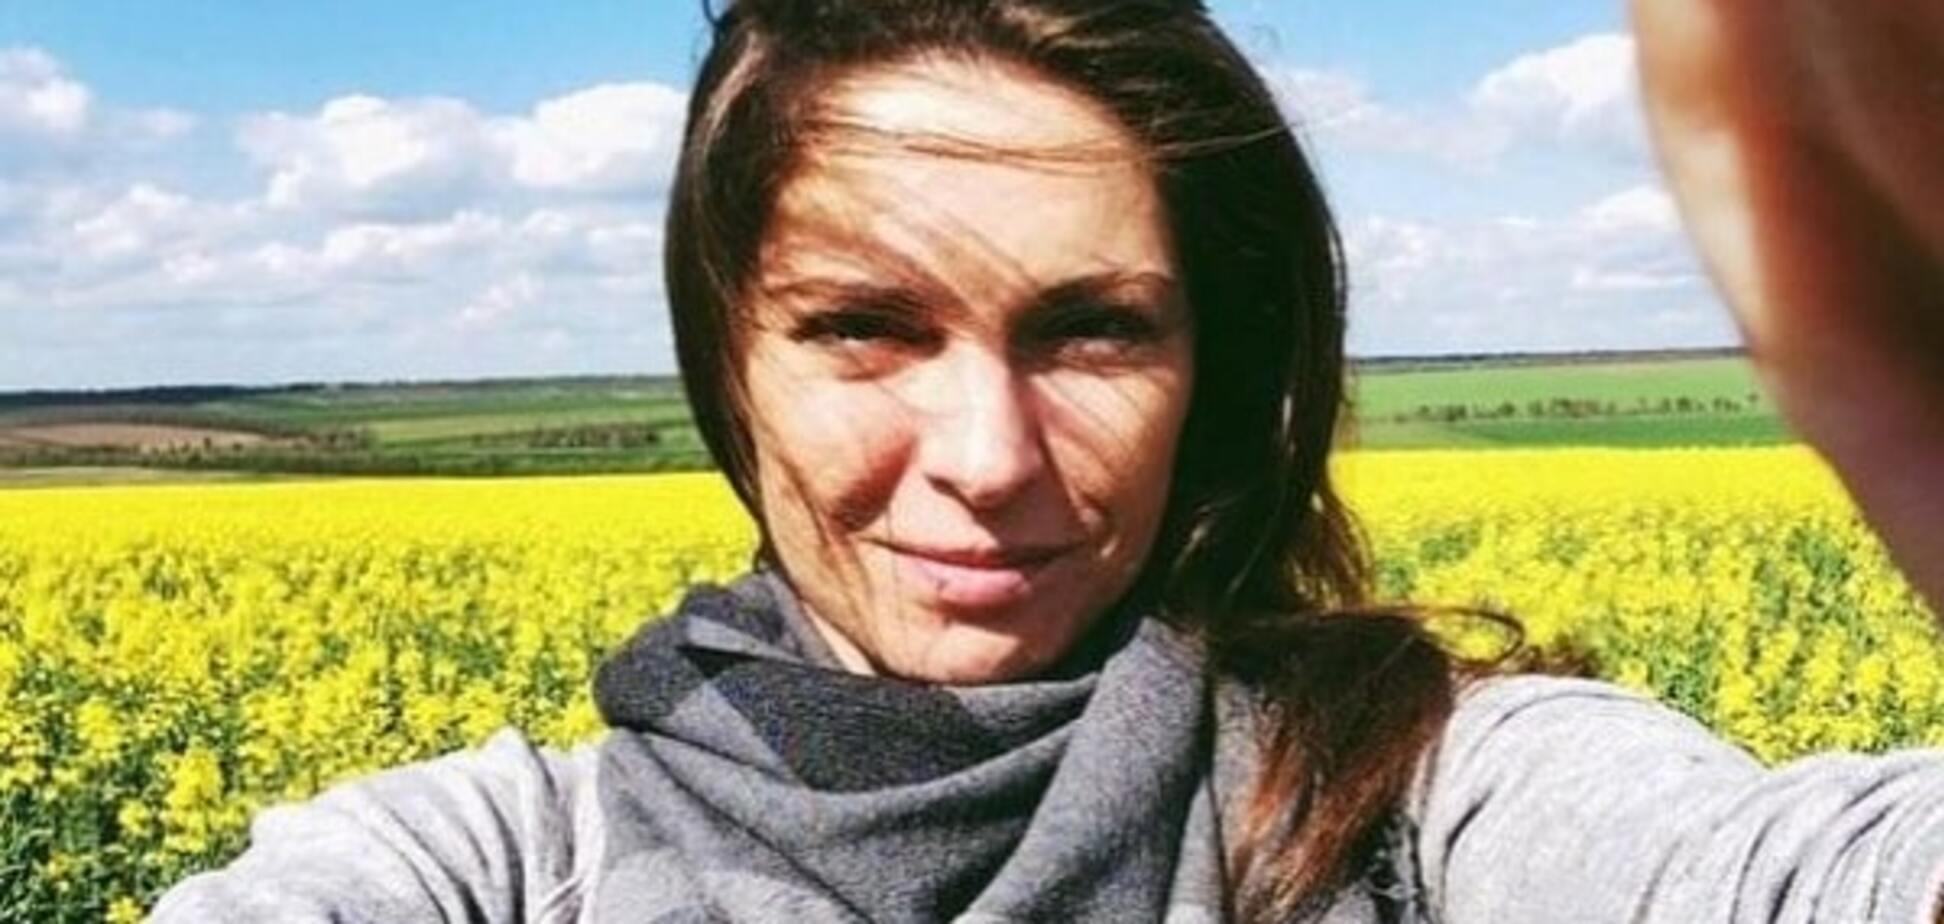 Затриману СБУ 'санінструктора з Росії' можуть обміняти - журналіст